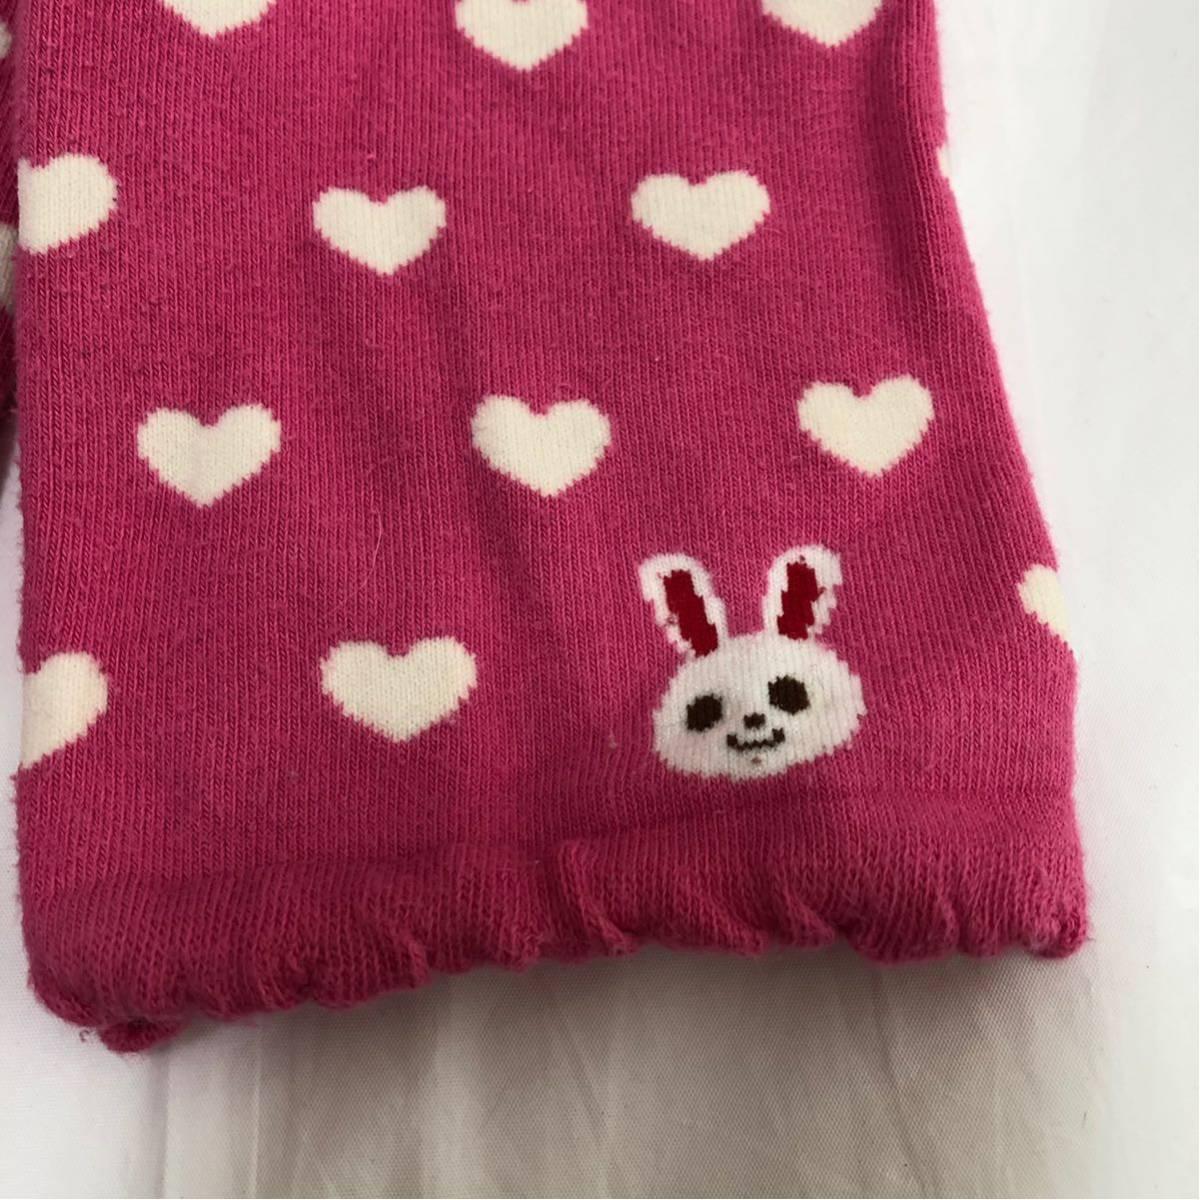 ミキハウス MIKIHOUSE レギンス 100 女の子 ピンク 送料140円 うさこ ハート ズボン パンツ スパッツ かわいい ベビー キッズ 子供服_画像2